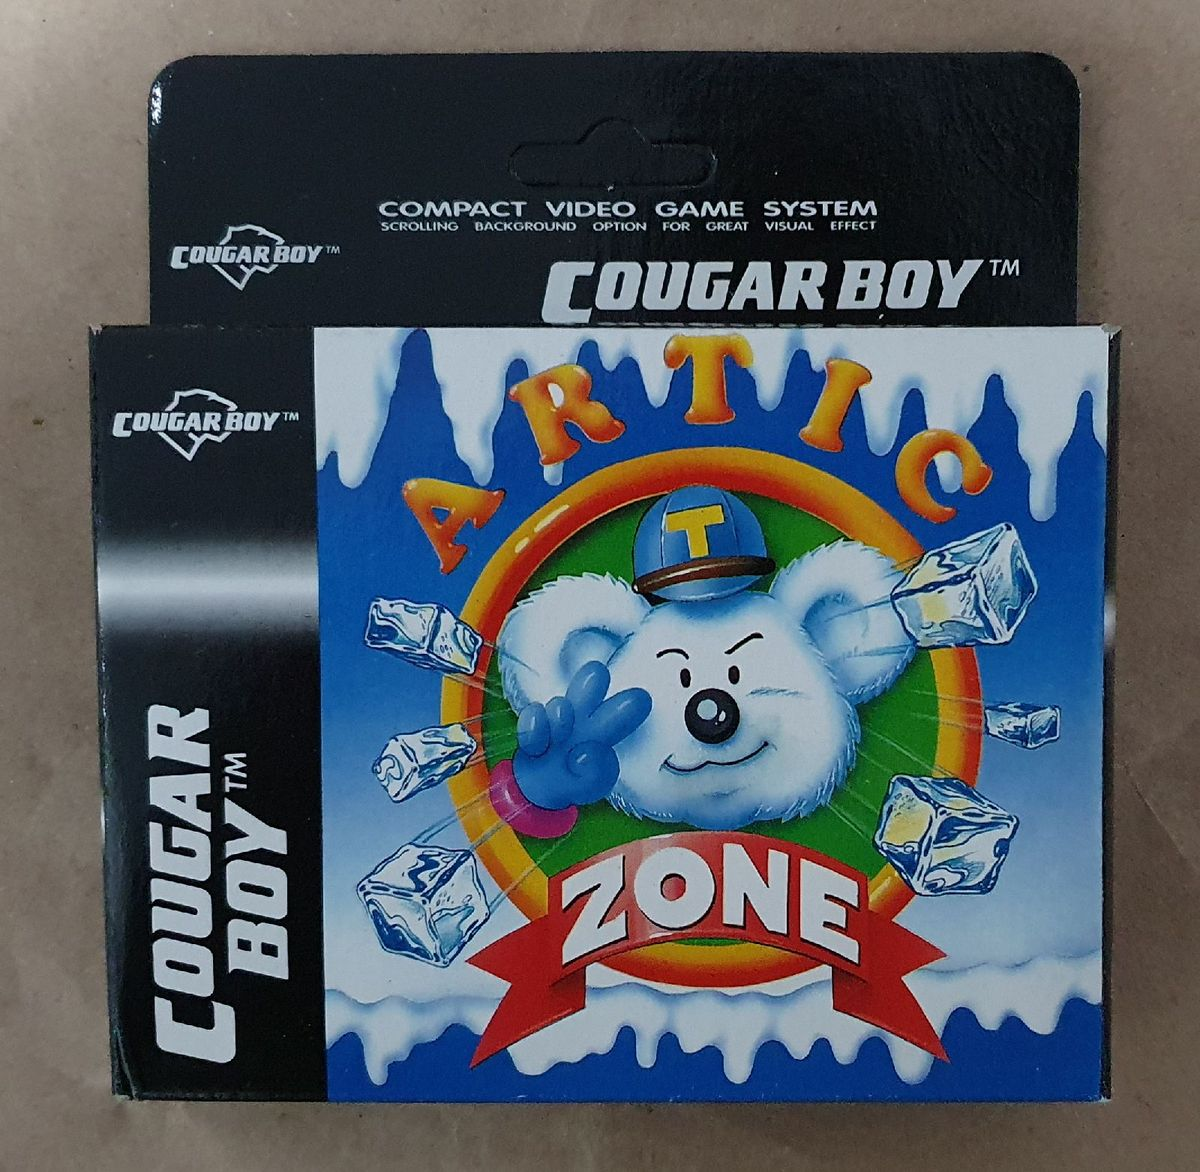 Cougar boy